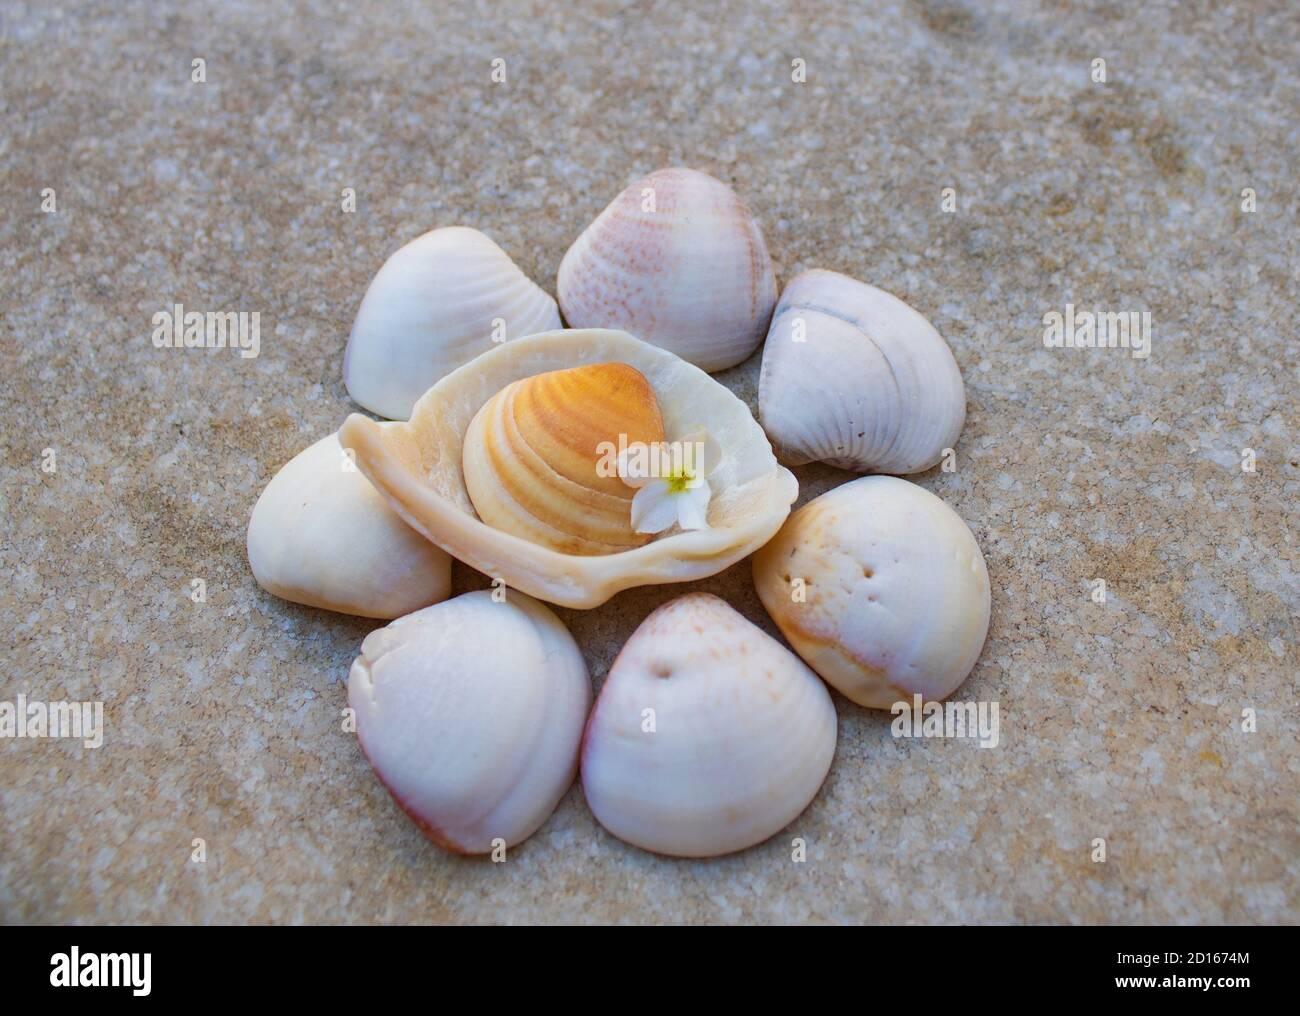 colina de varias coloristas conchas de mar con flores blancas fondo gris mezclado Foto de stock